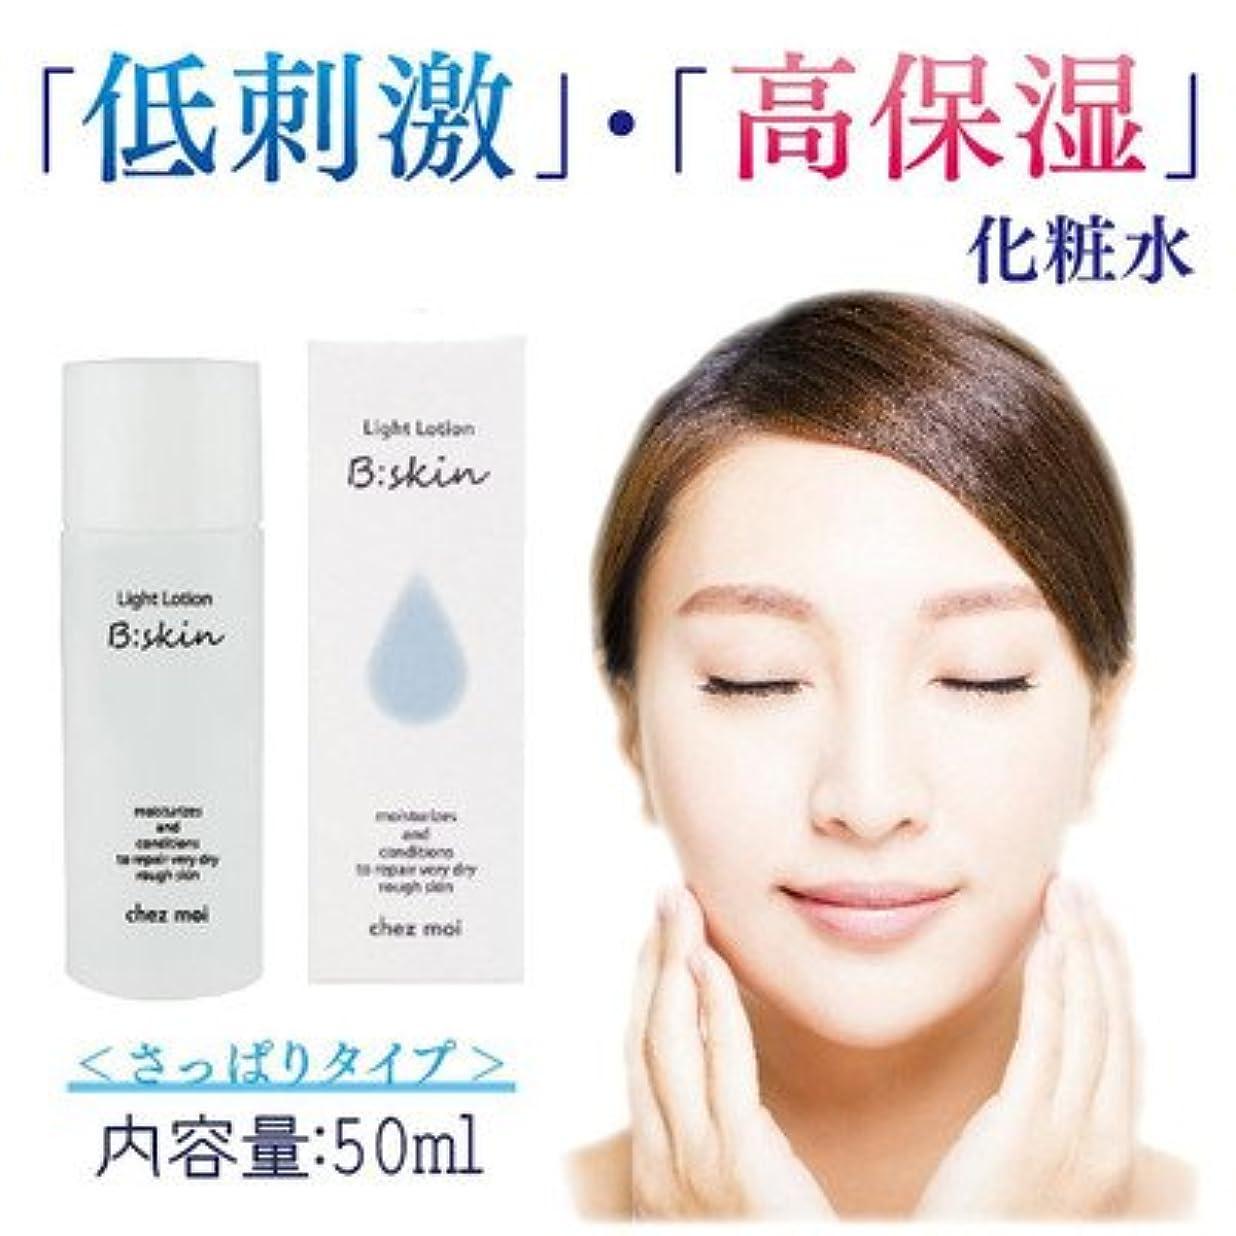 ハードウェアエスニックポルノ低刺激 高保湿 さっぱりタイプの化粧水 B:skin ビースキン Light Lotion ライトローション さっぱりタイプ 化粧水 50mL